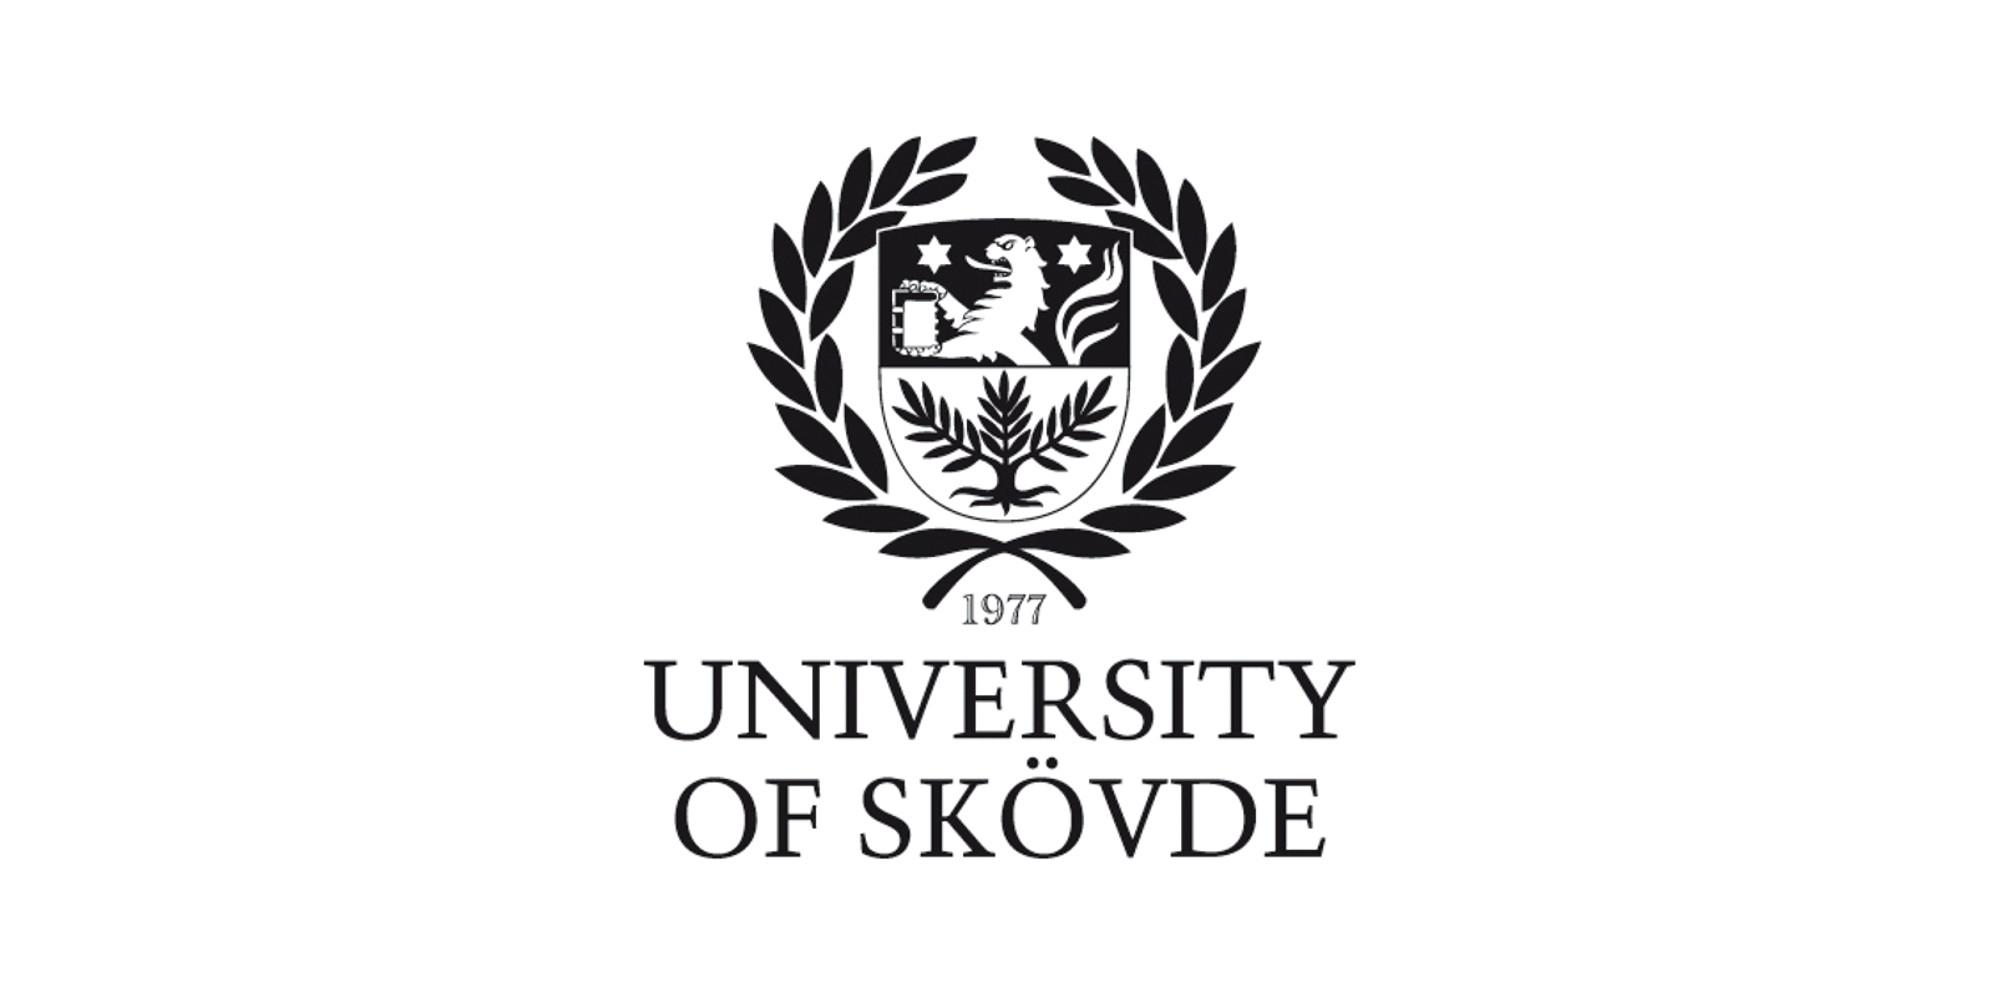 University of Skövde